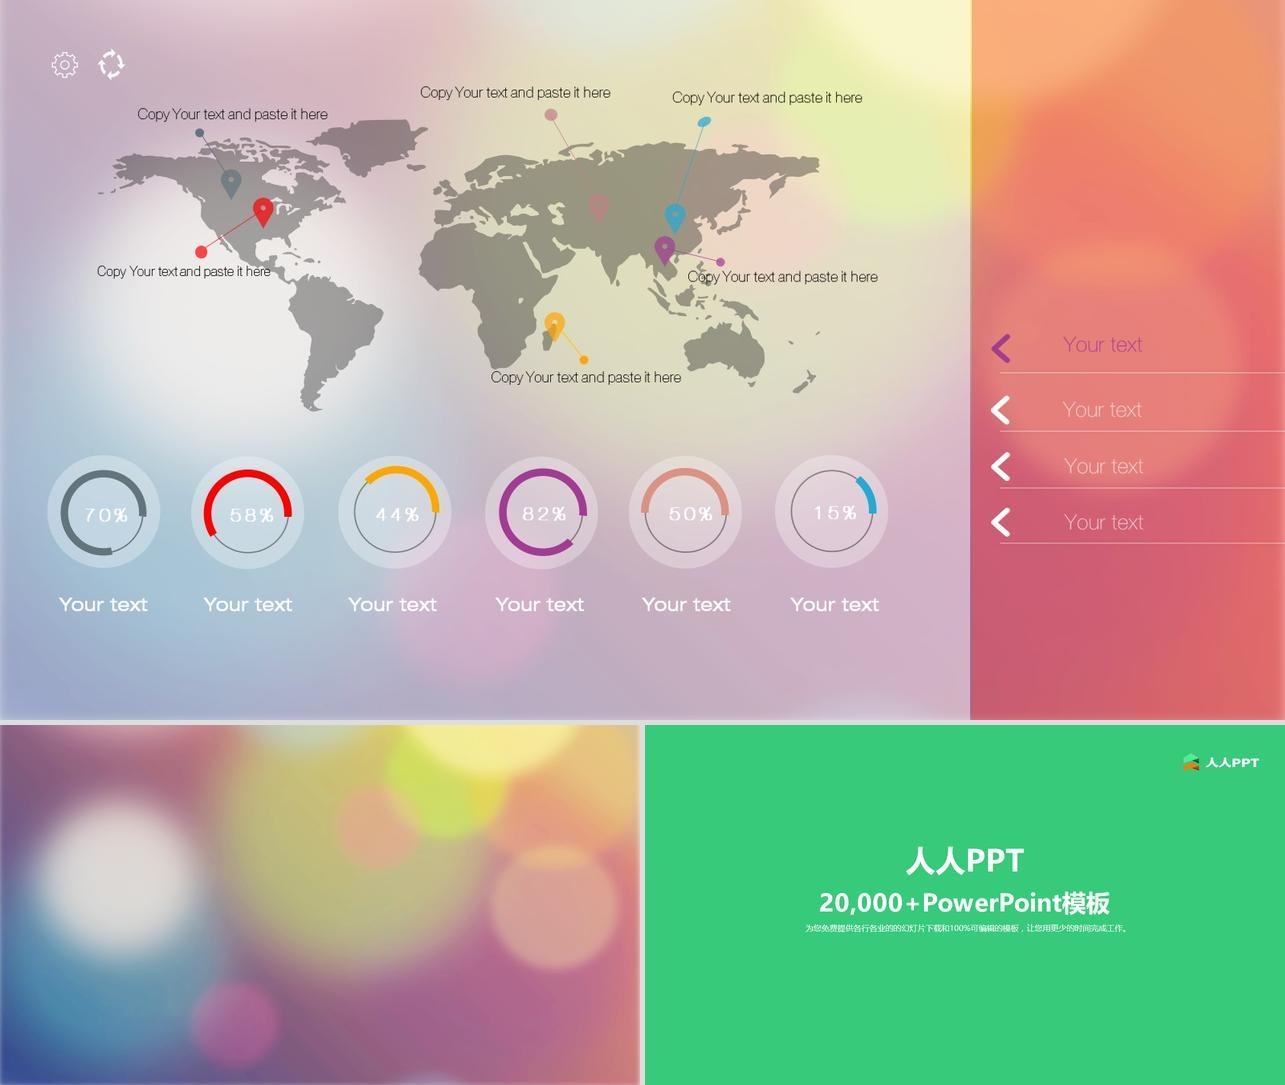 粉色世界地图背景的商务幻灯片背景模板长图